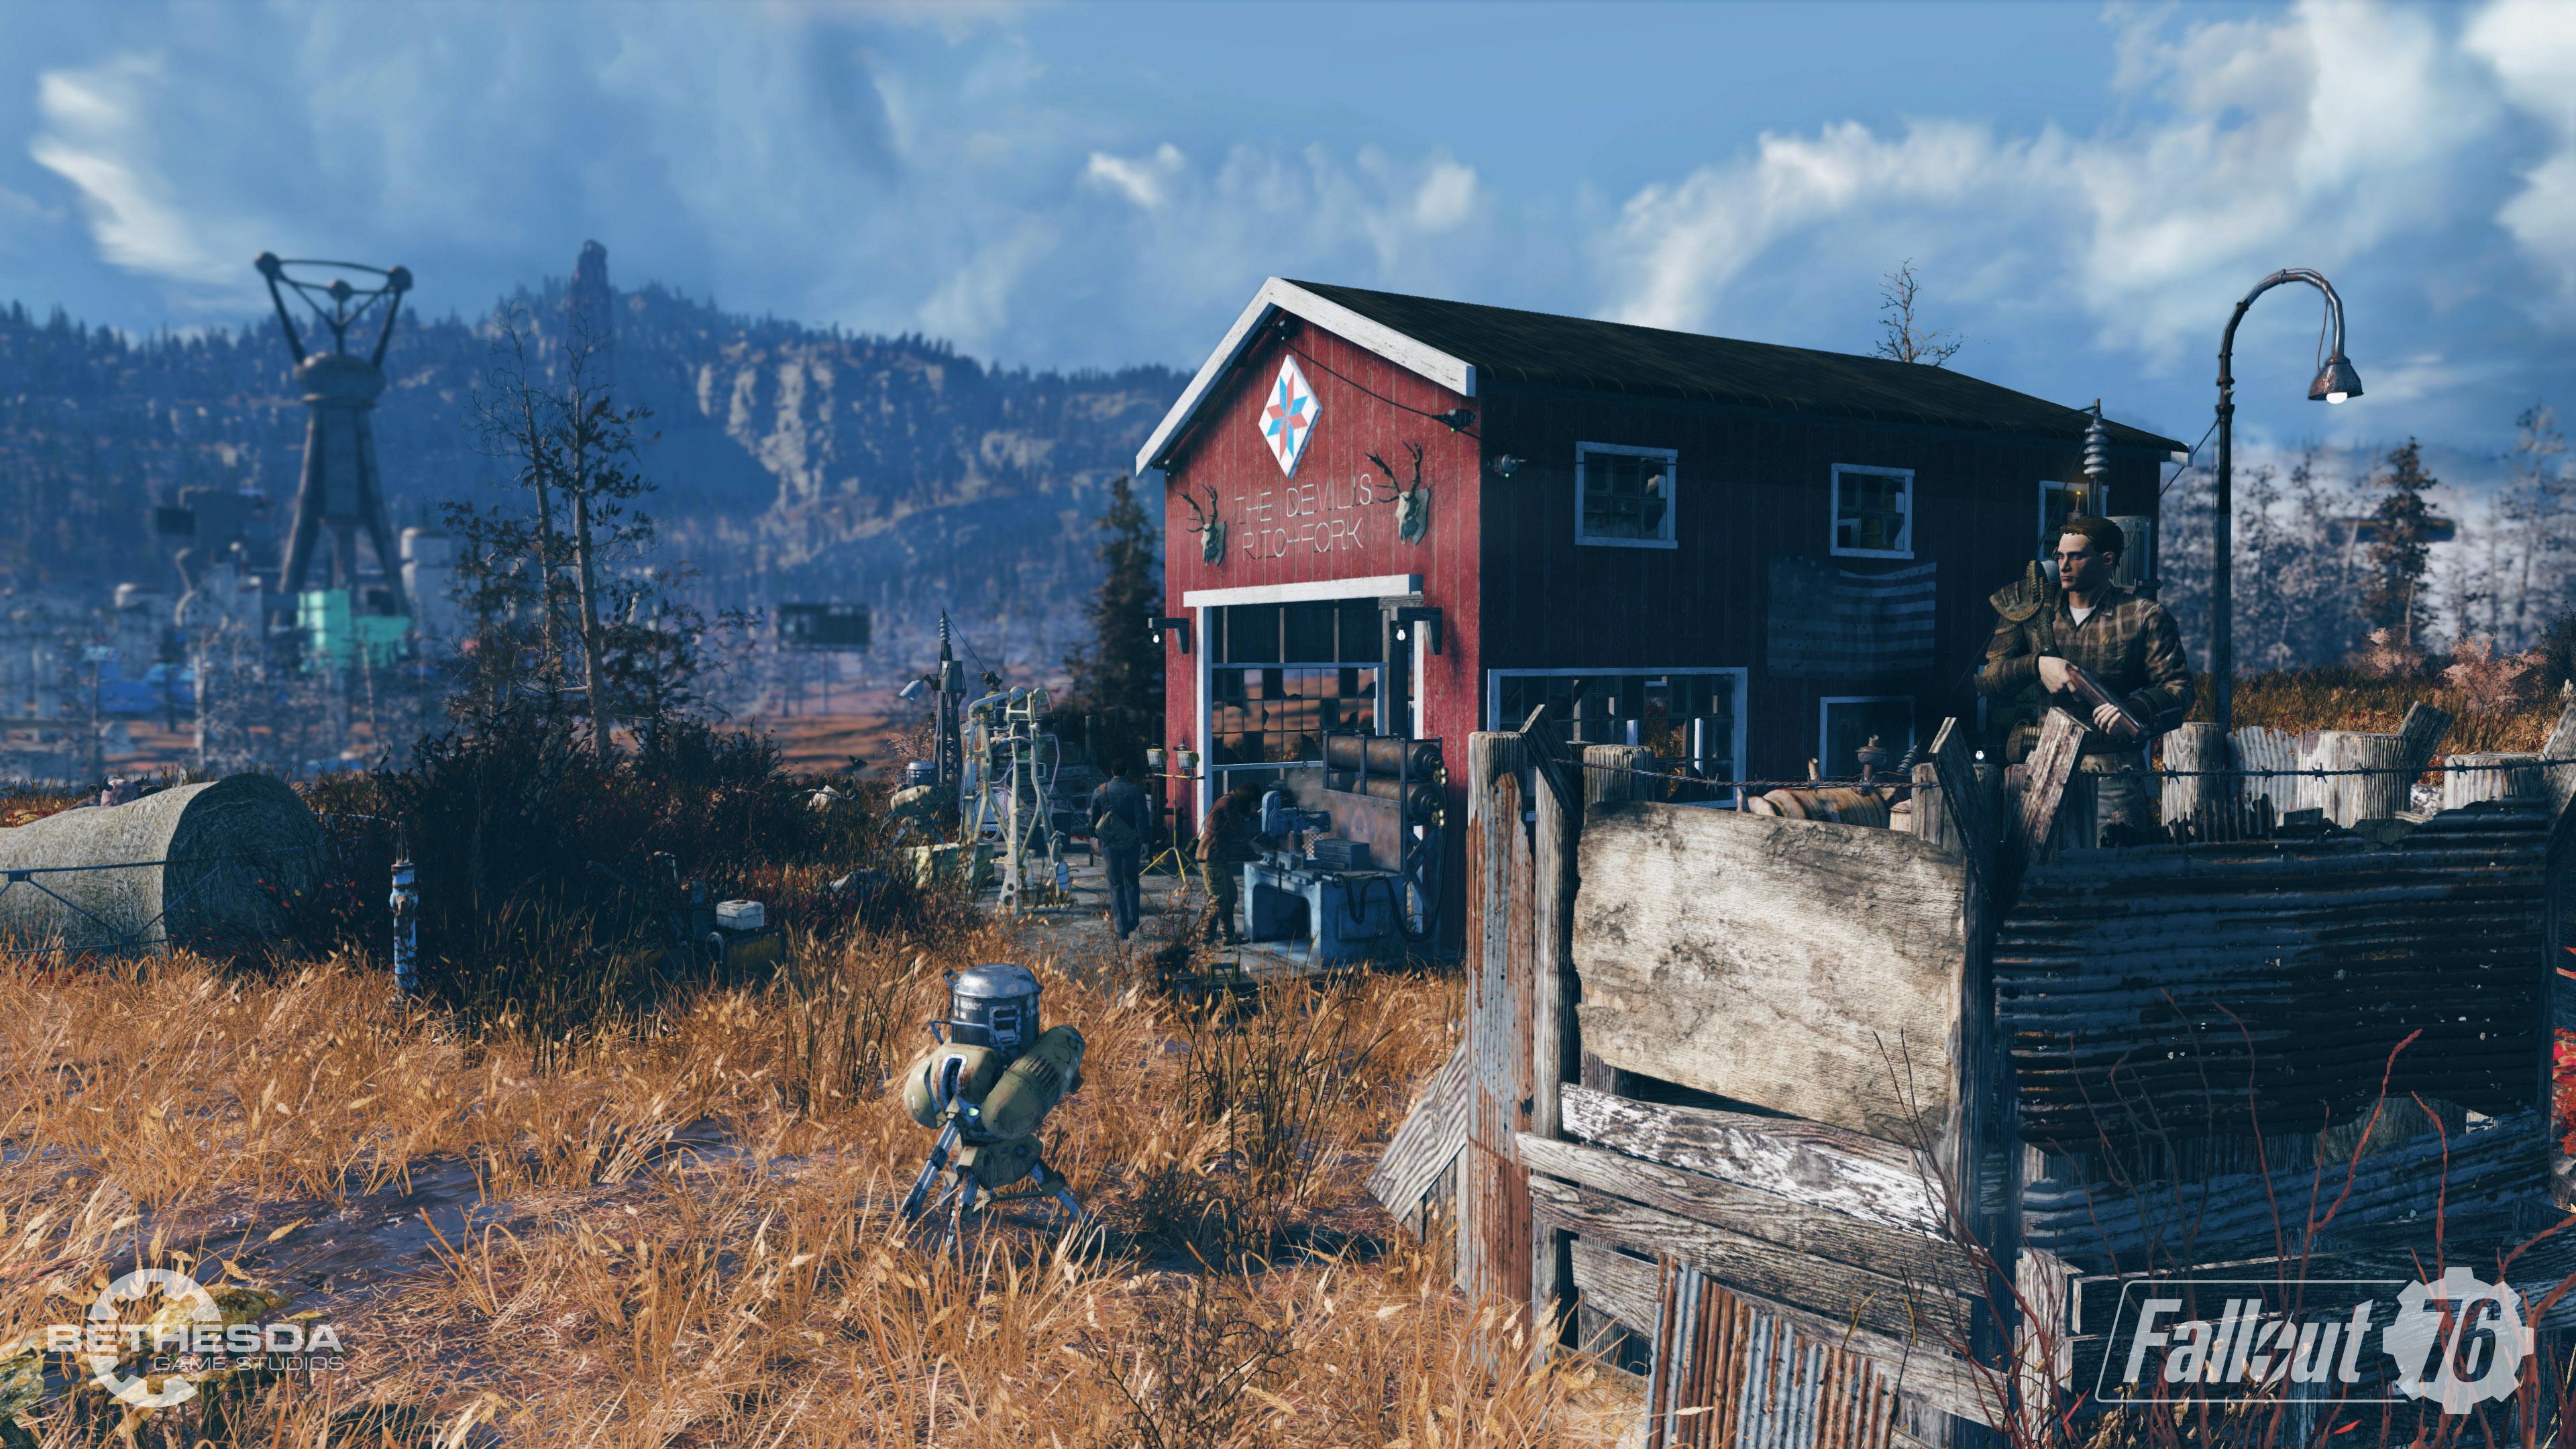 Fallout76 E3 Camp